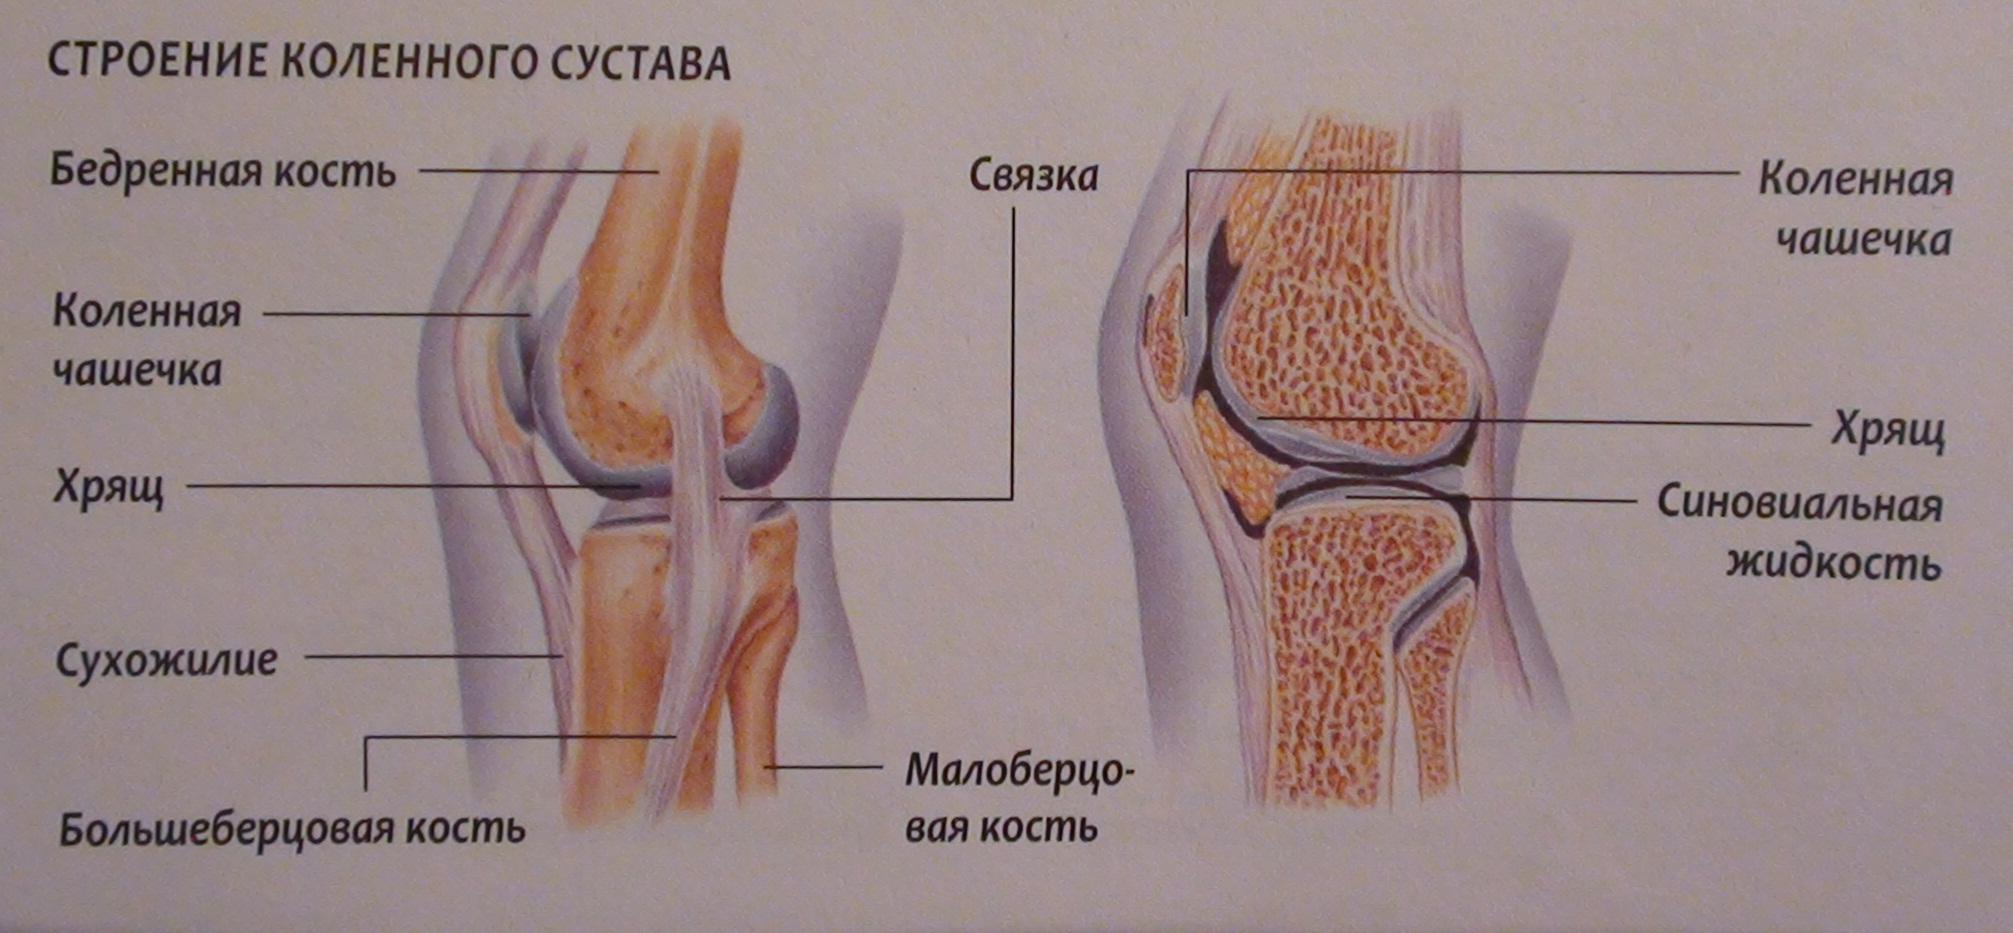 Болит колено долго в одном положении